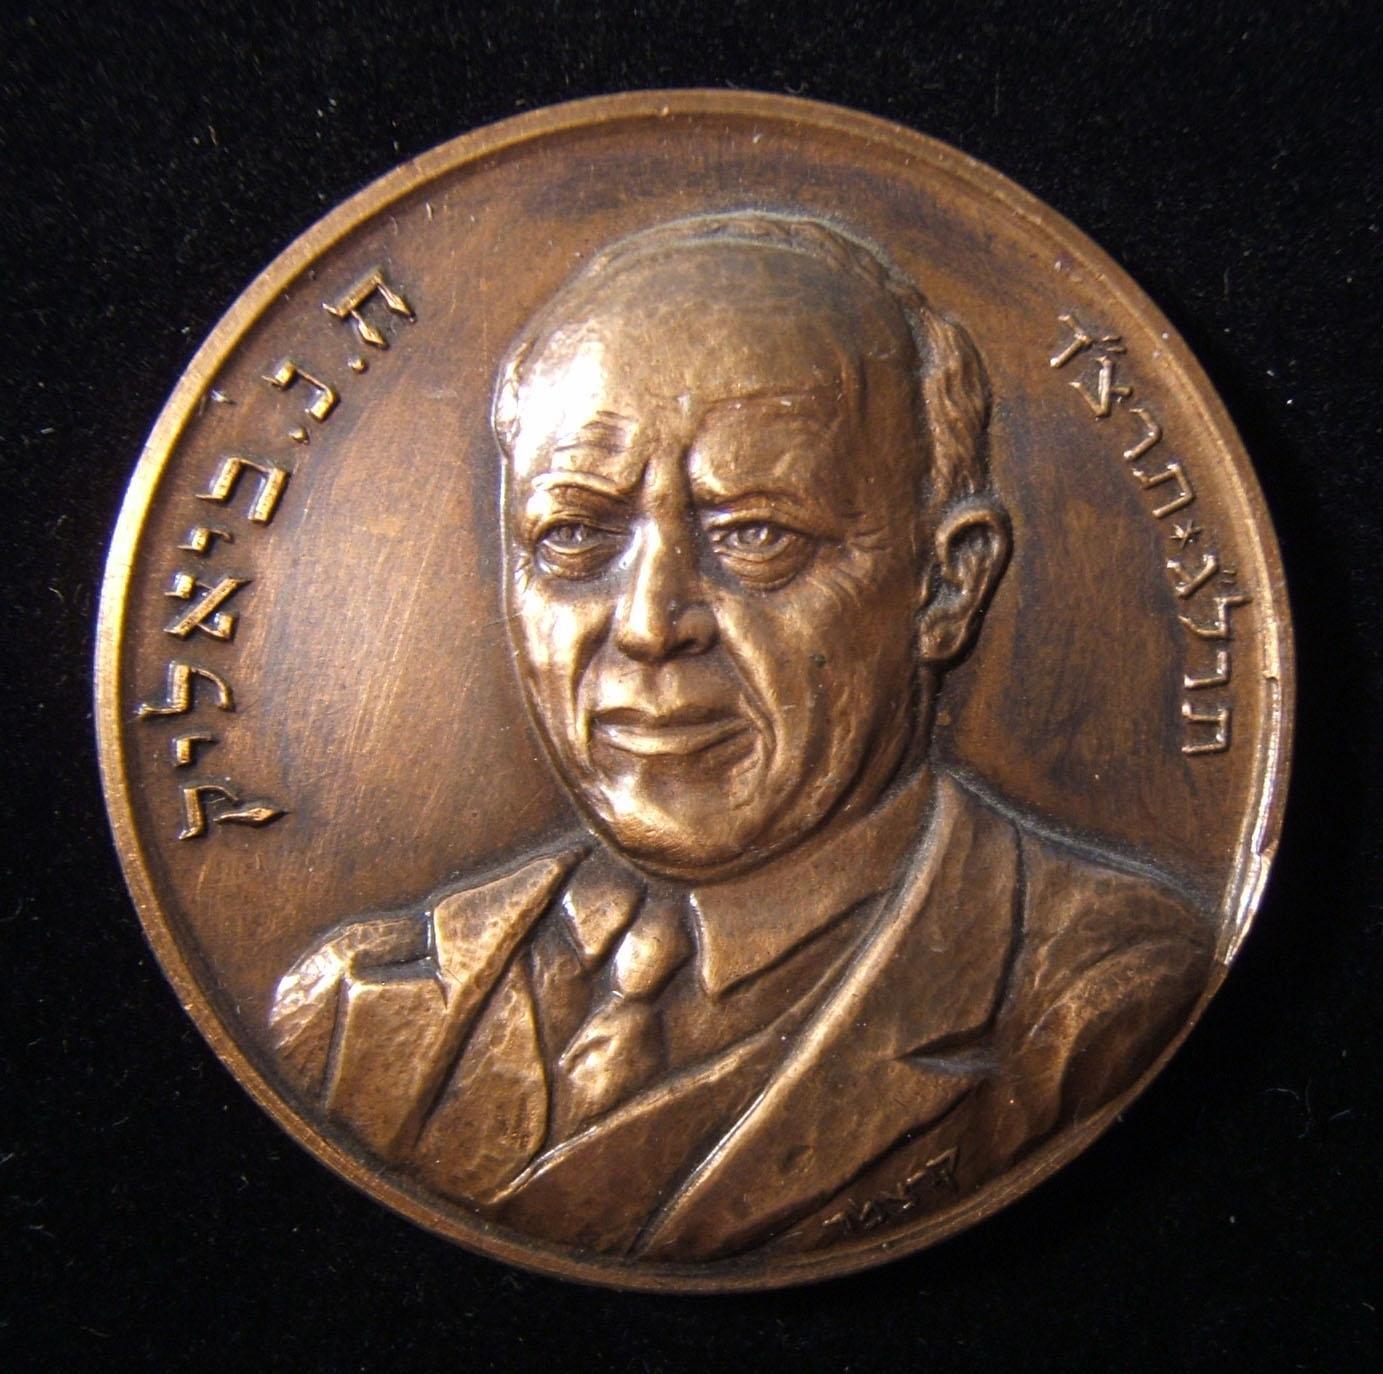 Israel: Chaim Nachman Bialik Porträt, Uniface -Medaille aus Bronze von Kretschmer, ND; Größe: 45 mm; Gewicht: 50,8 g. Zeigt Bialiks berühmte Pose mit seinem Namen auf Hebräisch lin